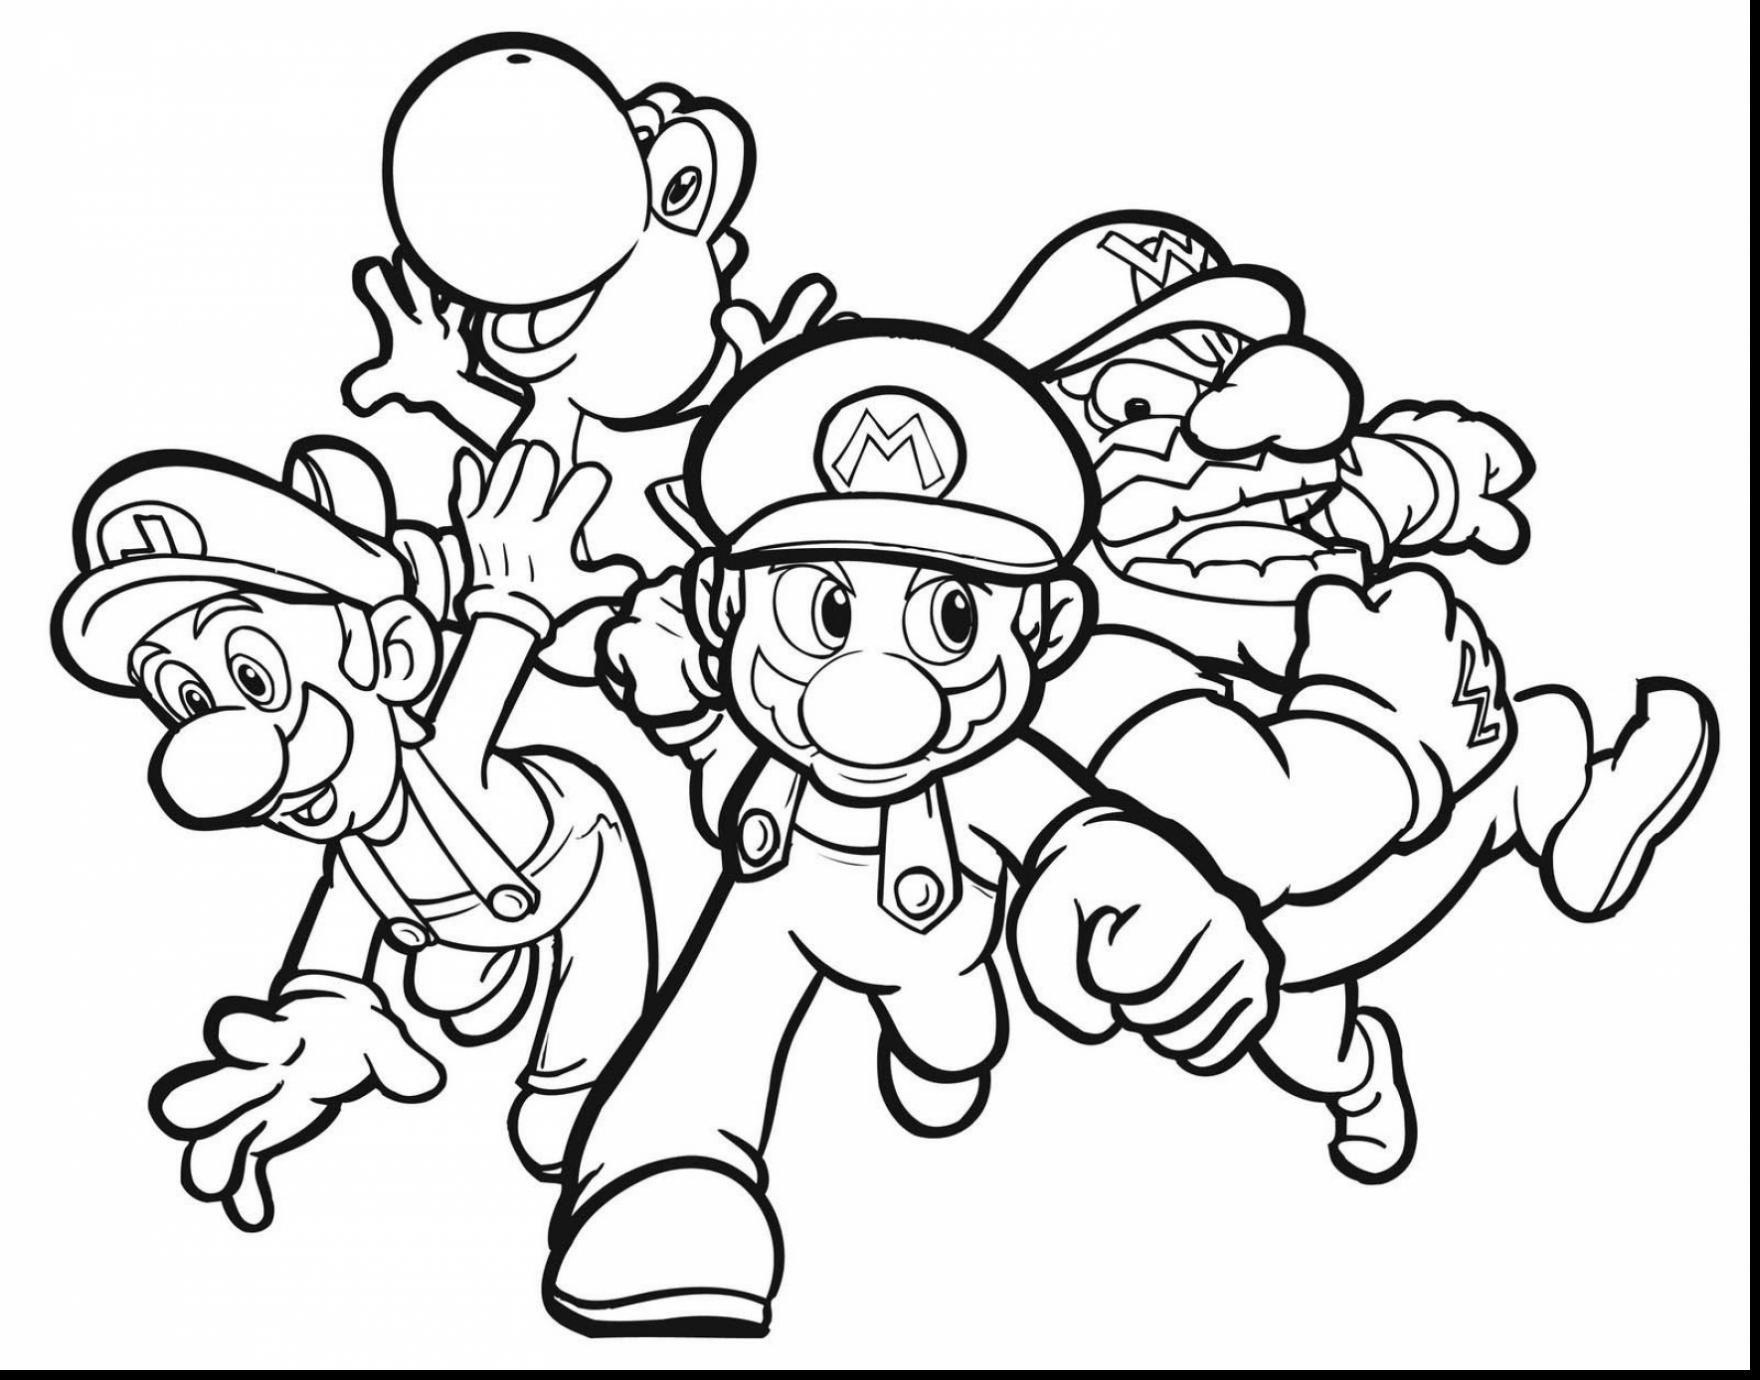 Kleurplaat Mario Odyssey In 2021 Mandala Kleurplaten Kleurboek Kleurplaten Voor Volwassenen